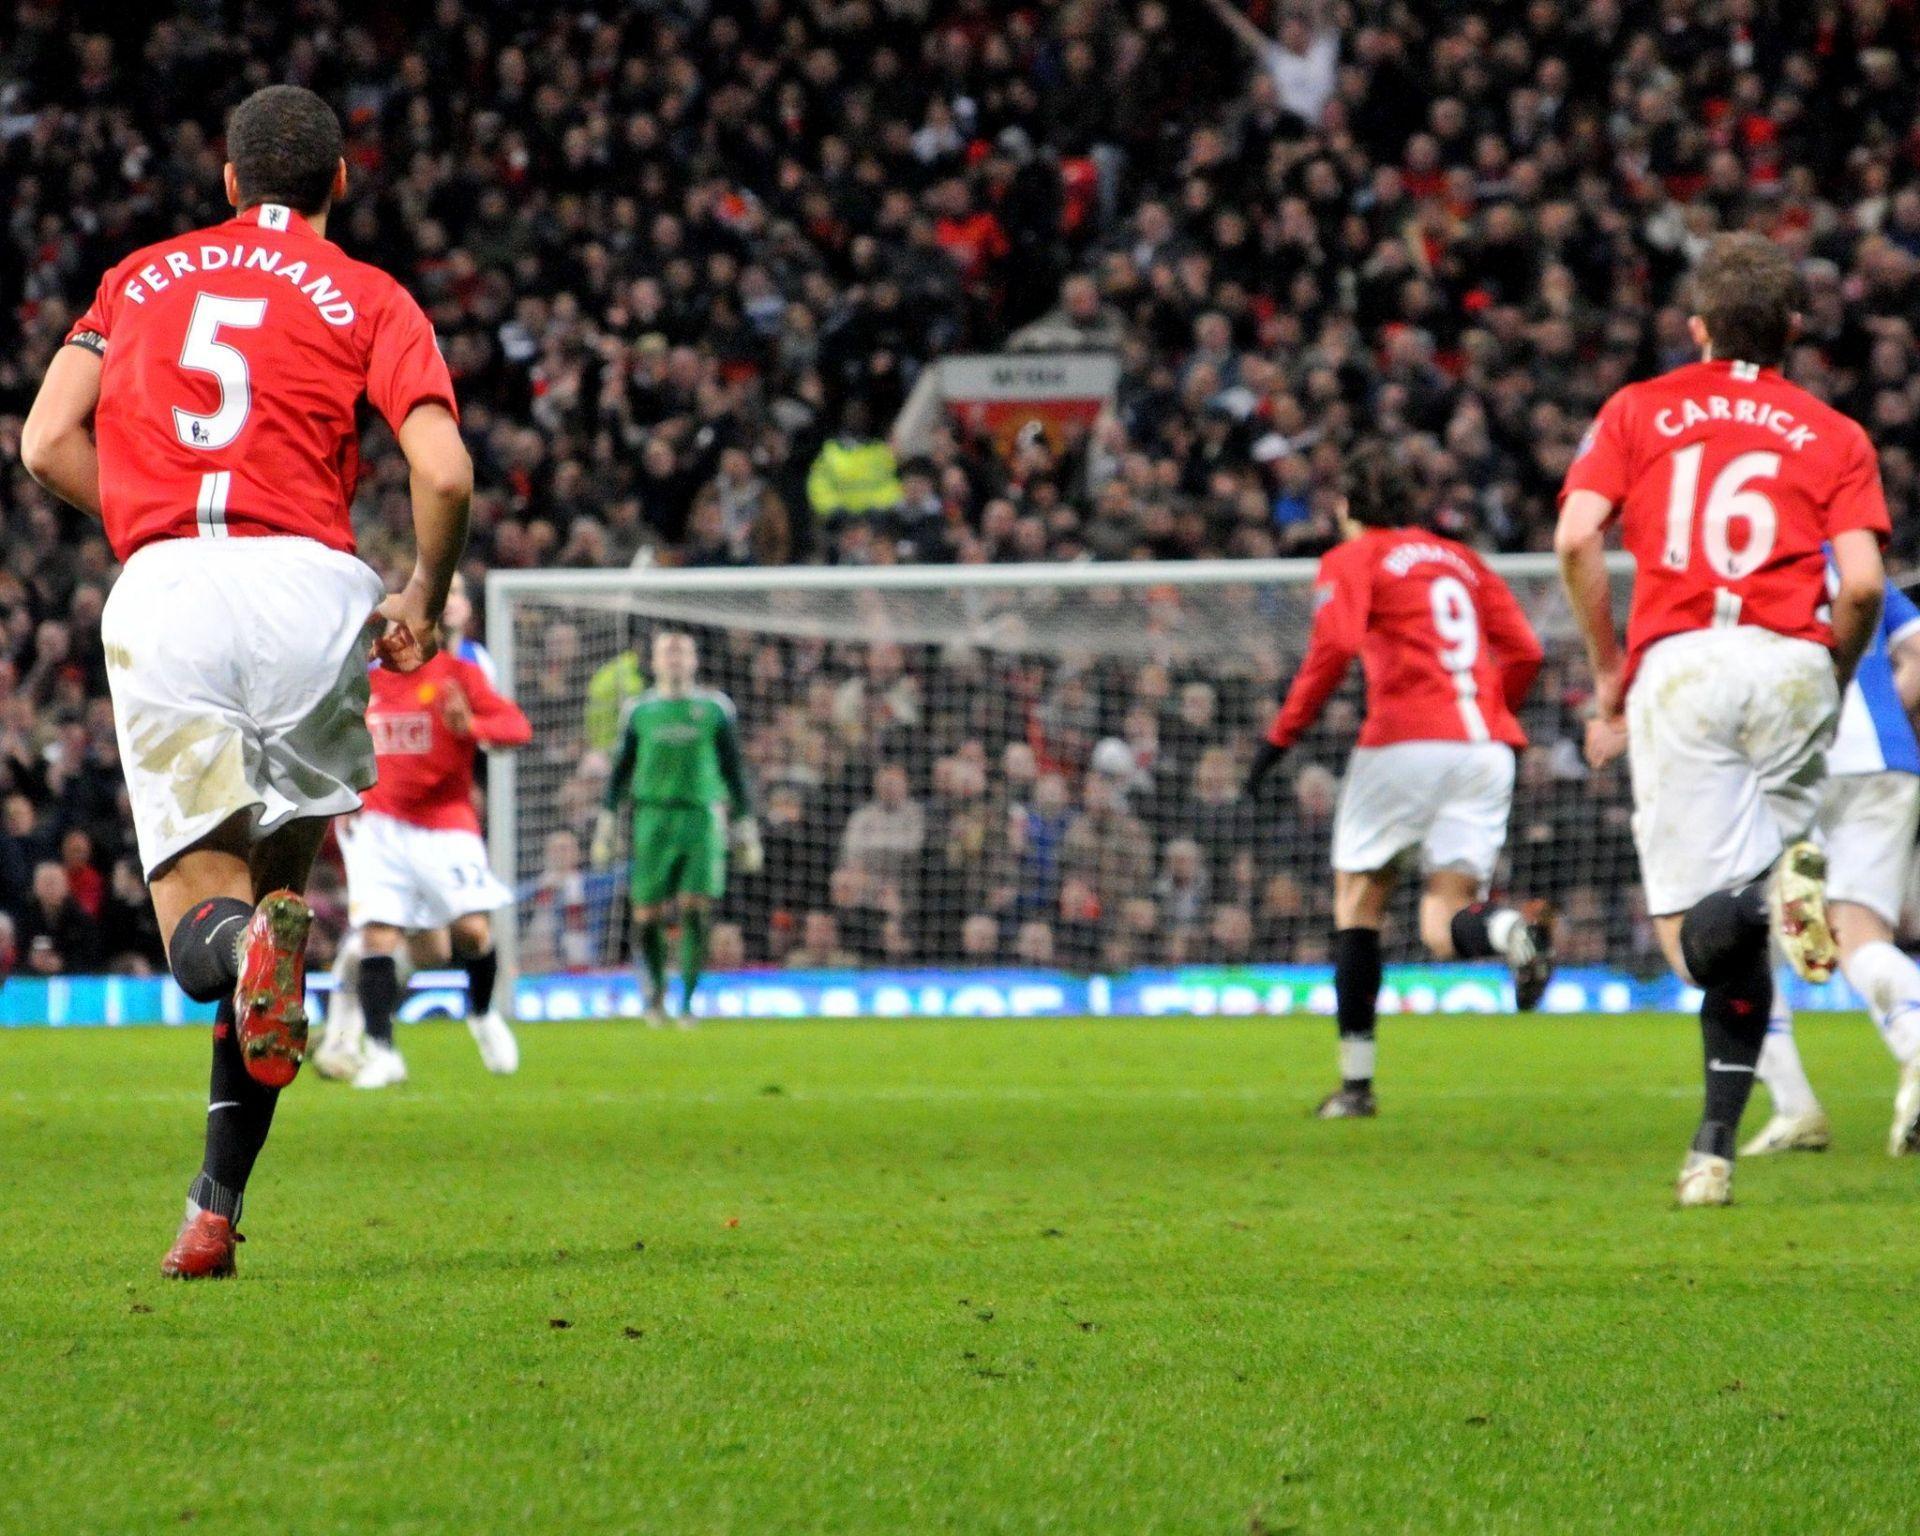 el-manchester-united-ingreso-mas-de-700-millones-la-temporada-pasada